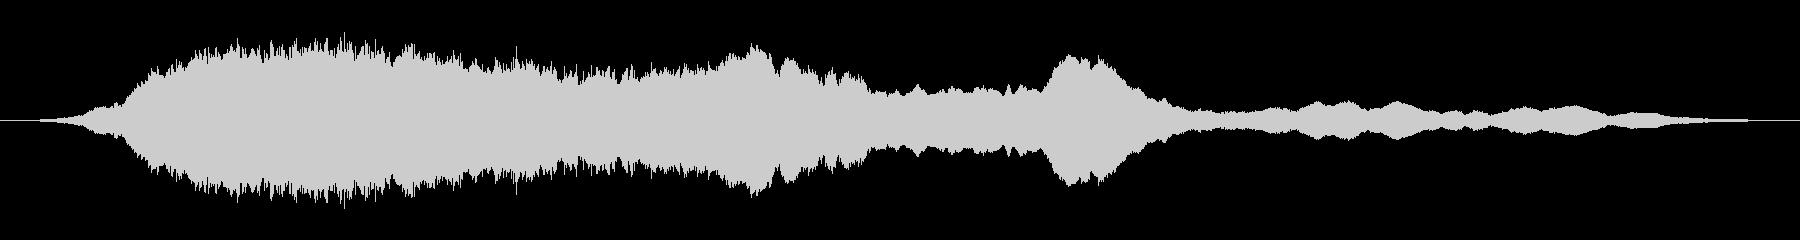 ピアスワーブルスクリーチの未再生の波形